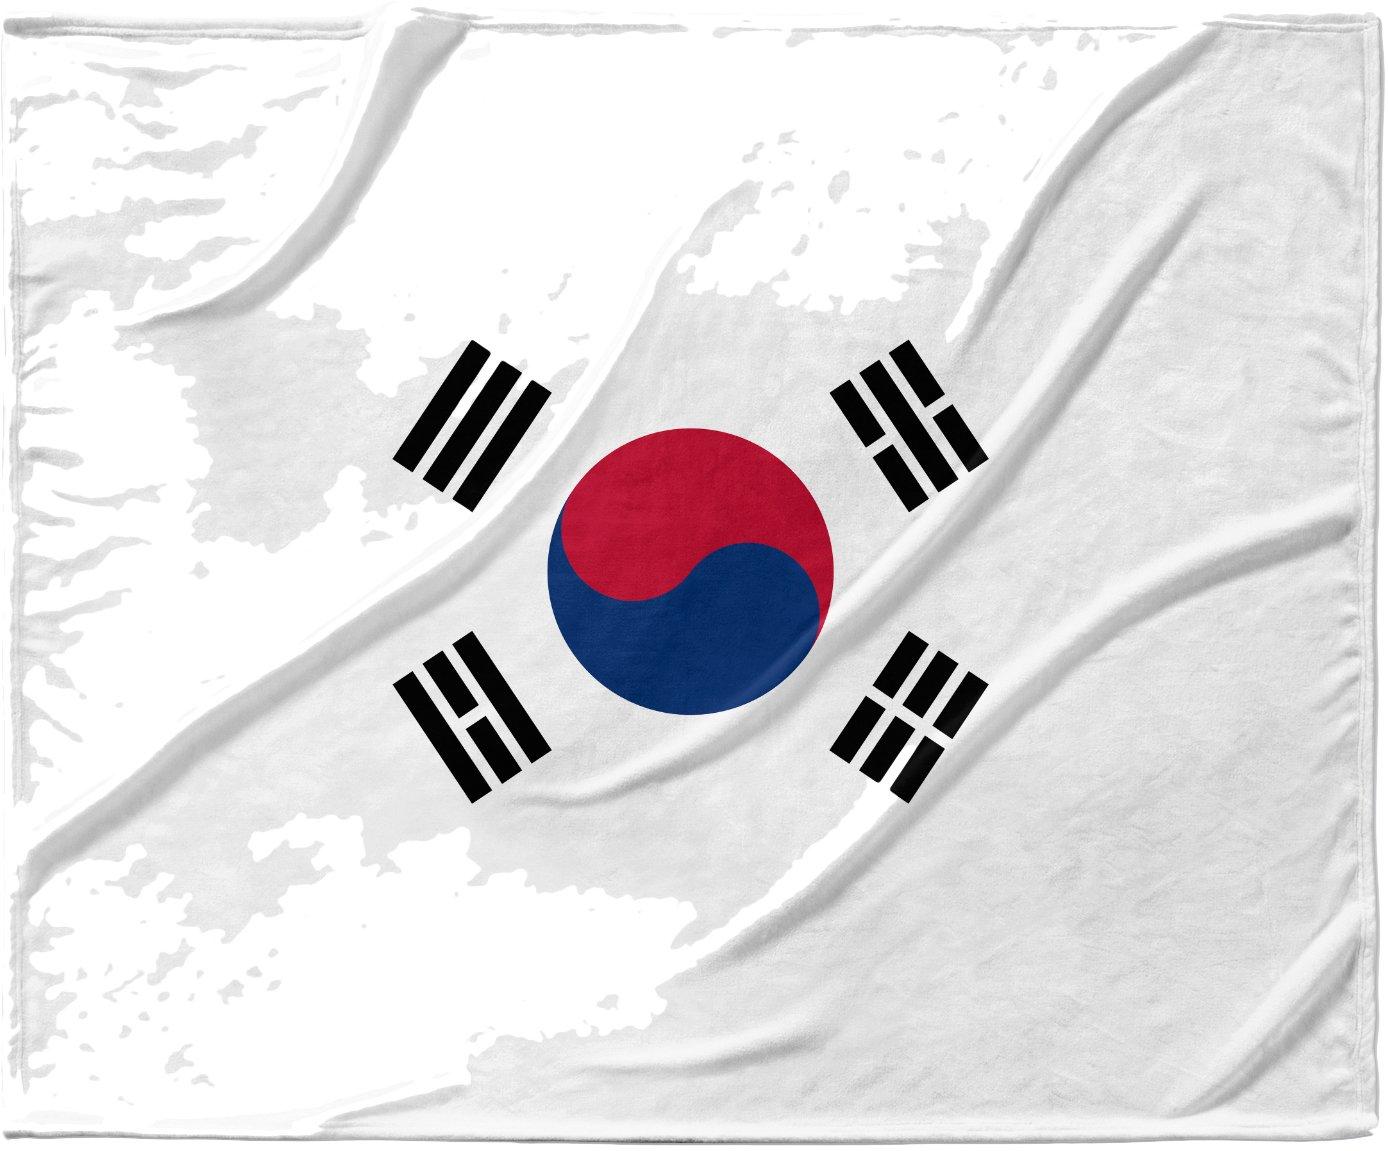 KESS InHouse Bruce Stanfield 'Flag of Korea' White Digital Fleece Baby Blanket, 40' x 30'